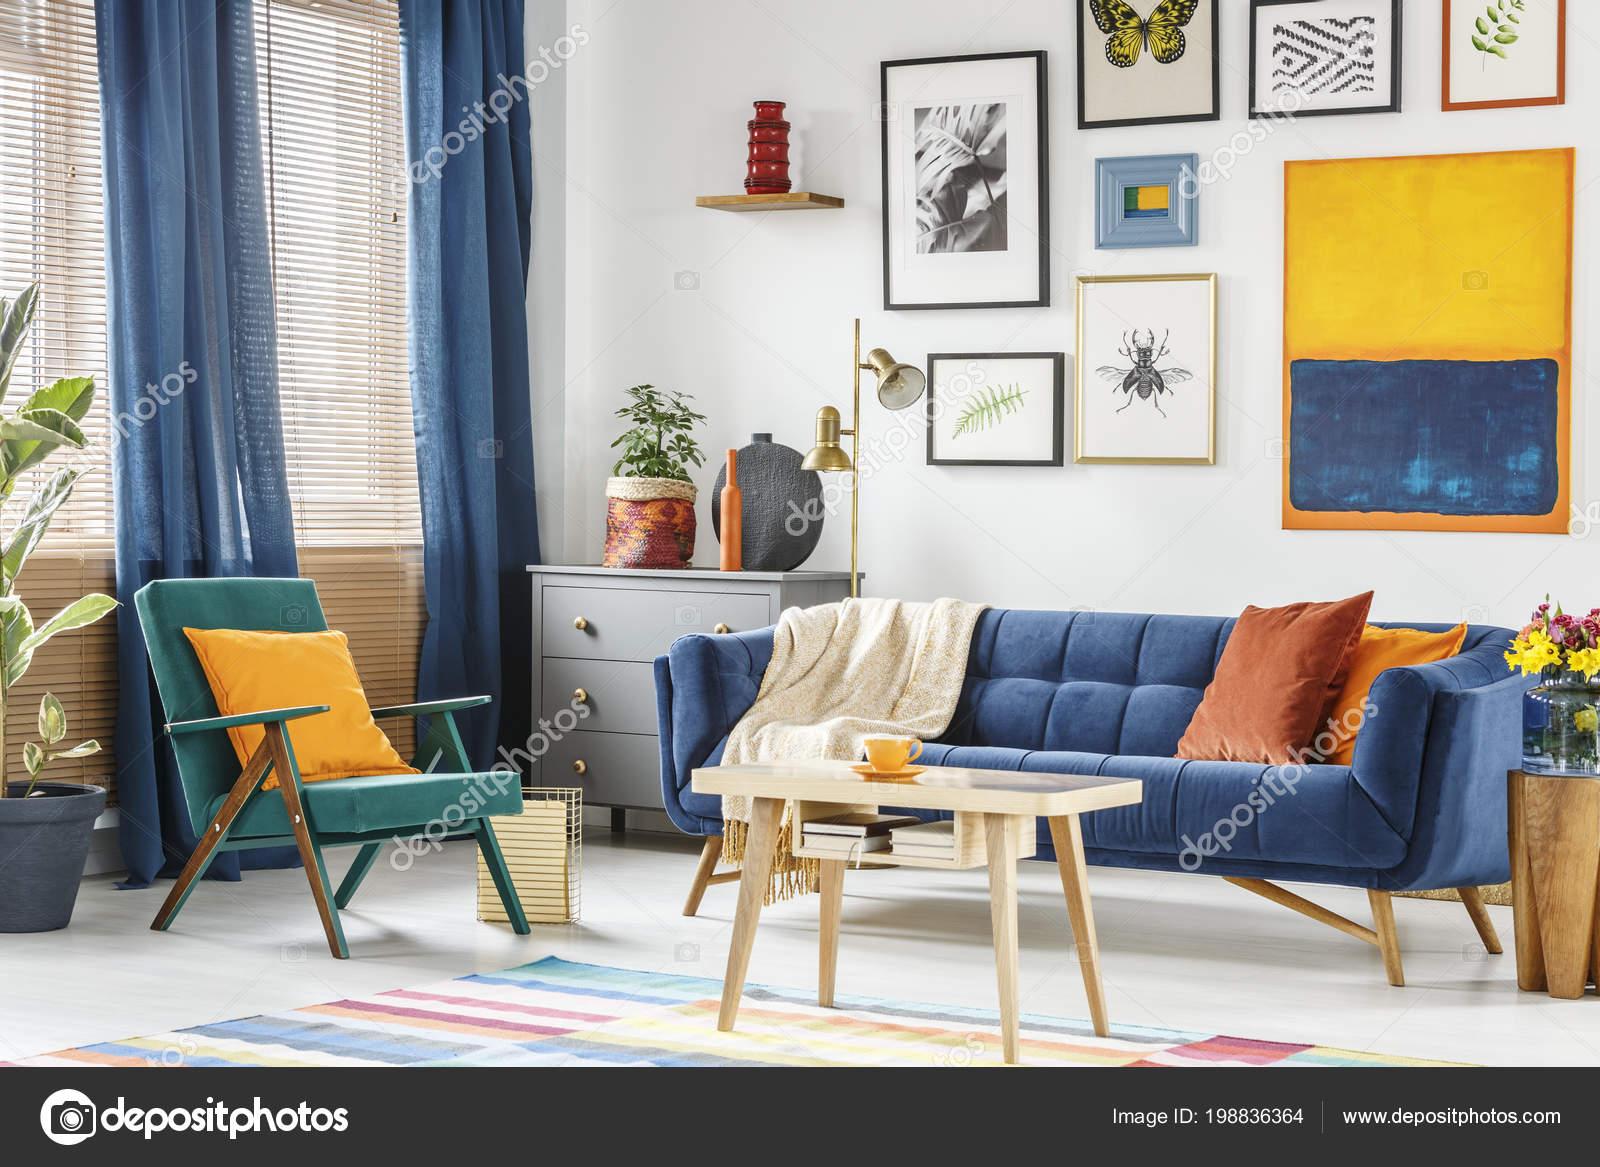 Tavolino Salotto Verde : Foto reale interno colorato salotto con una poltrona verde blu